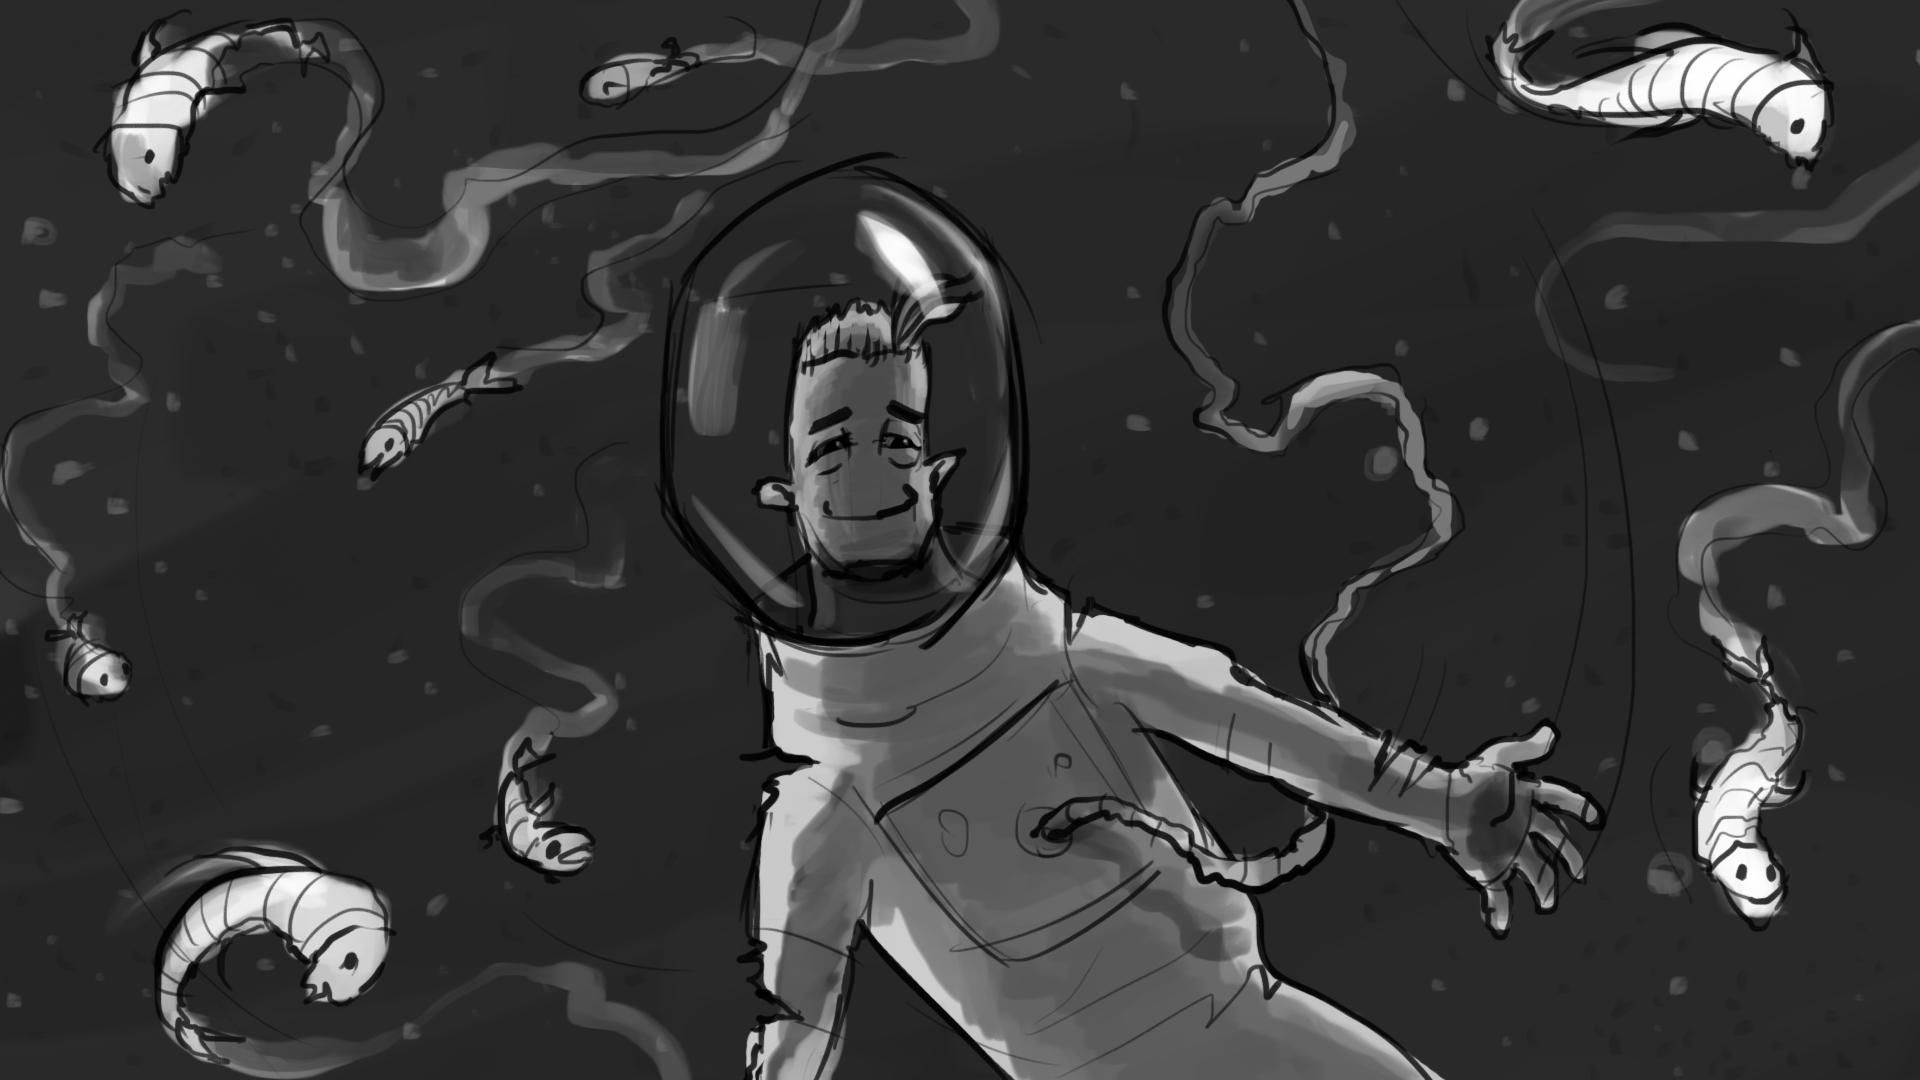 Rocket_Man_Storyboard_Artboard 19.jpg